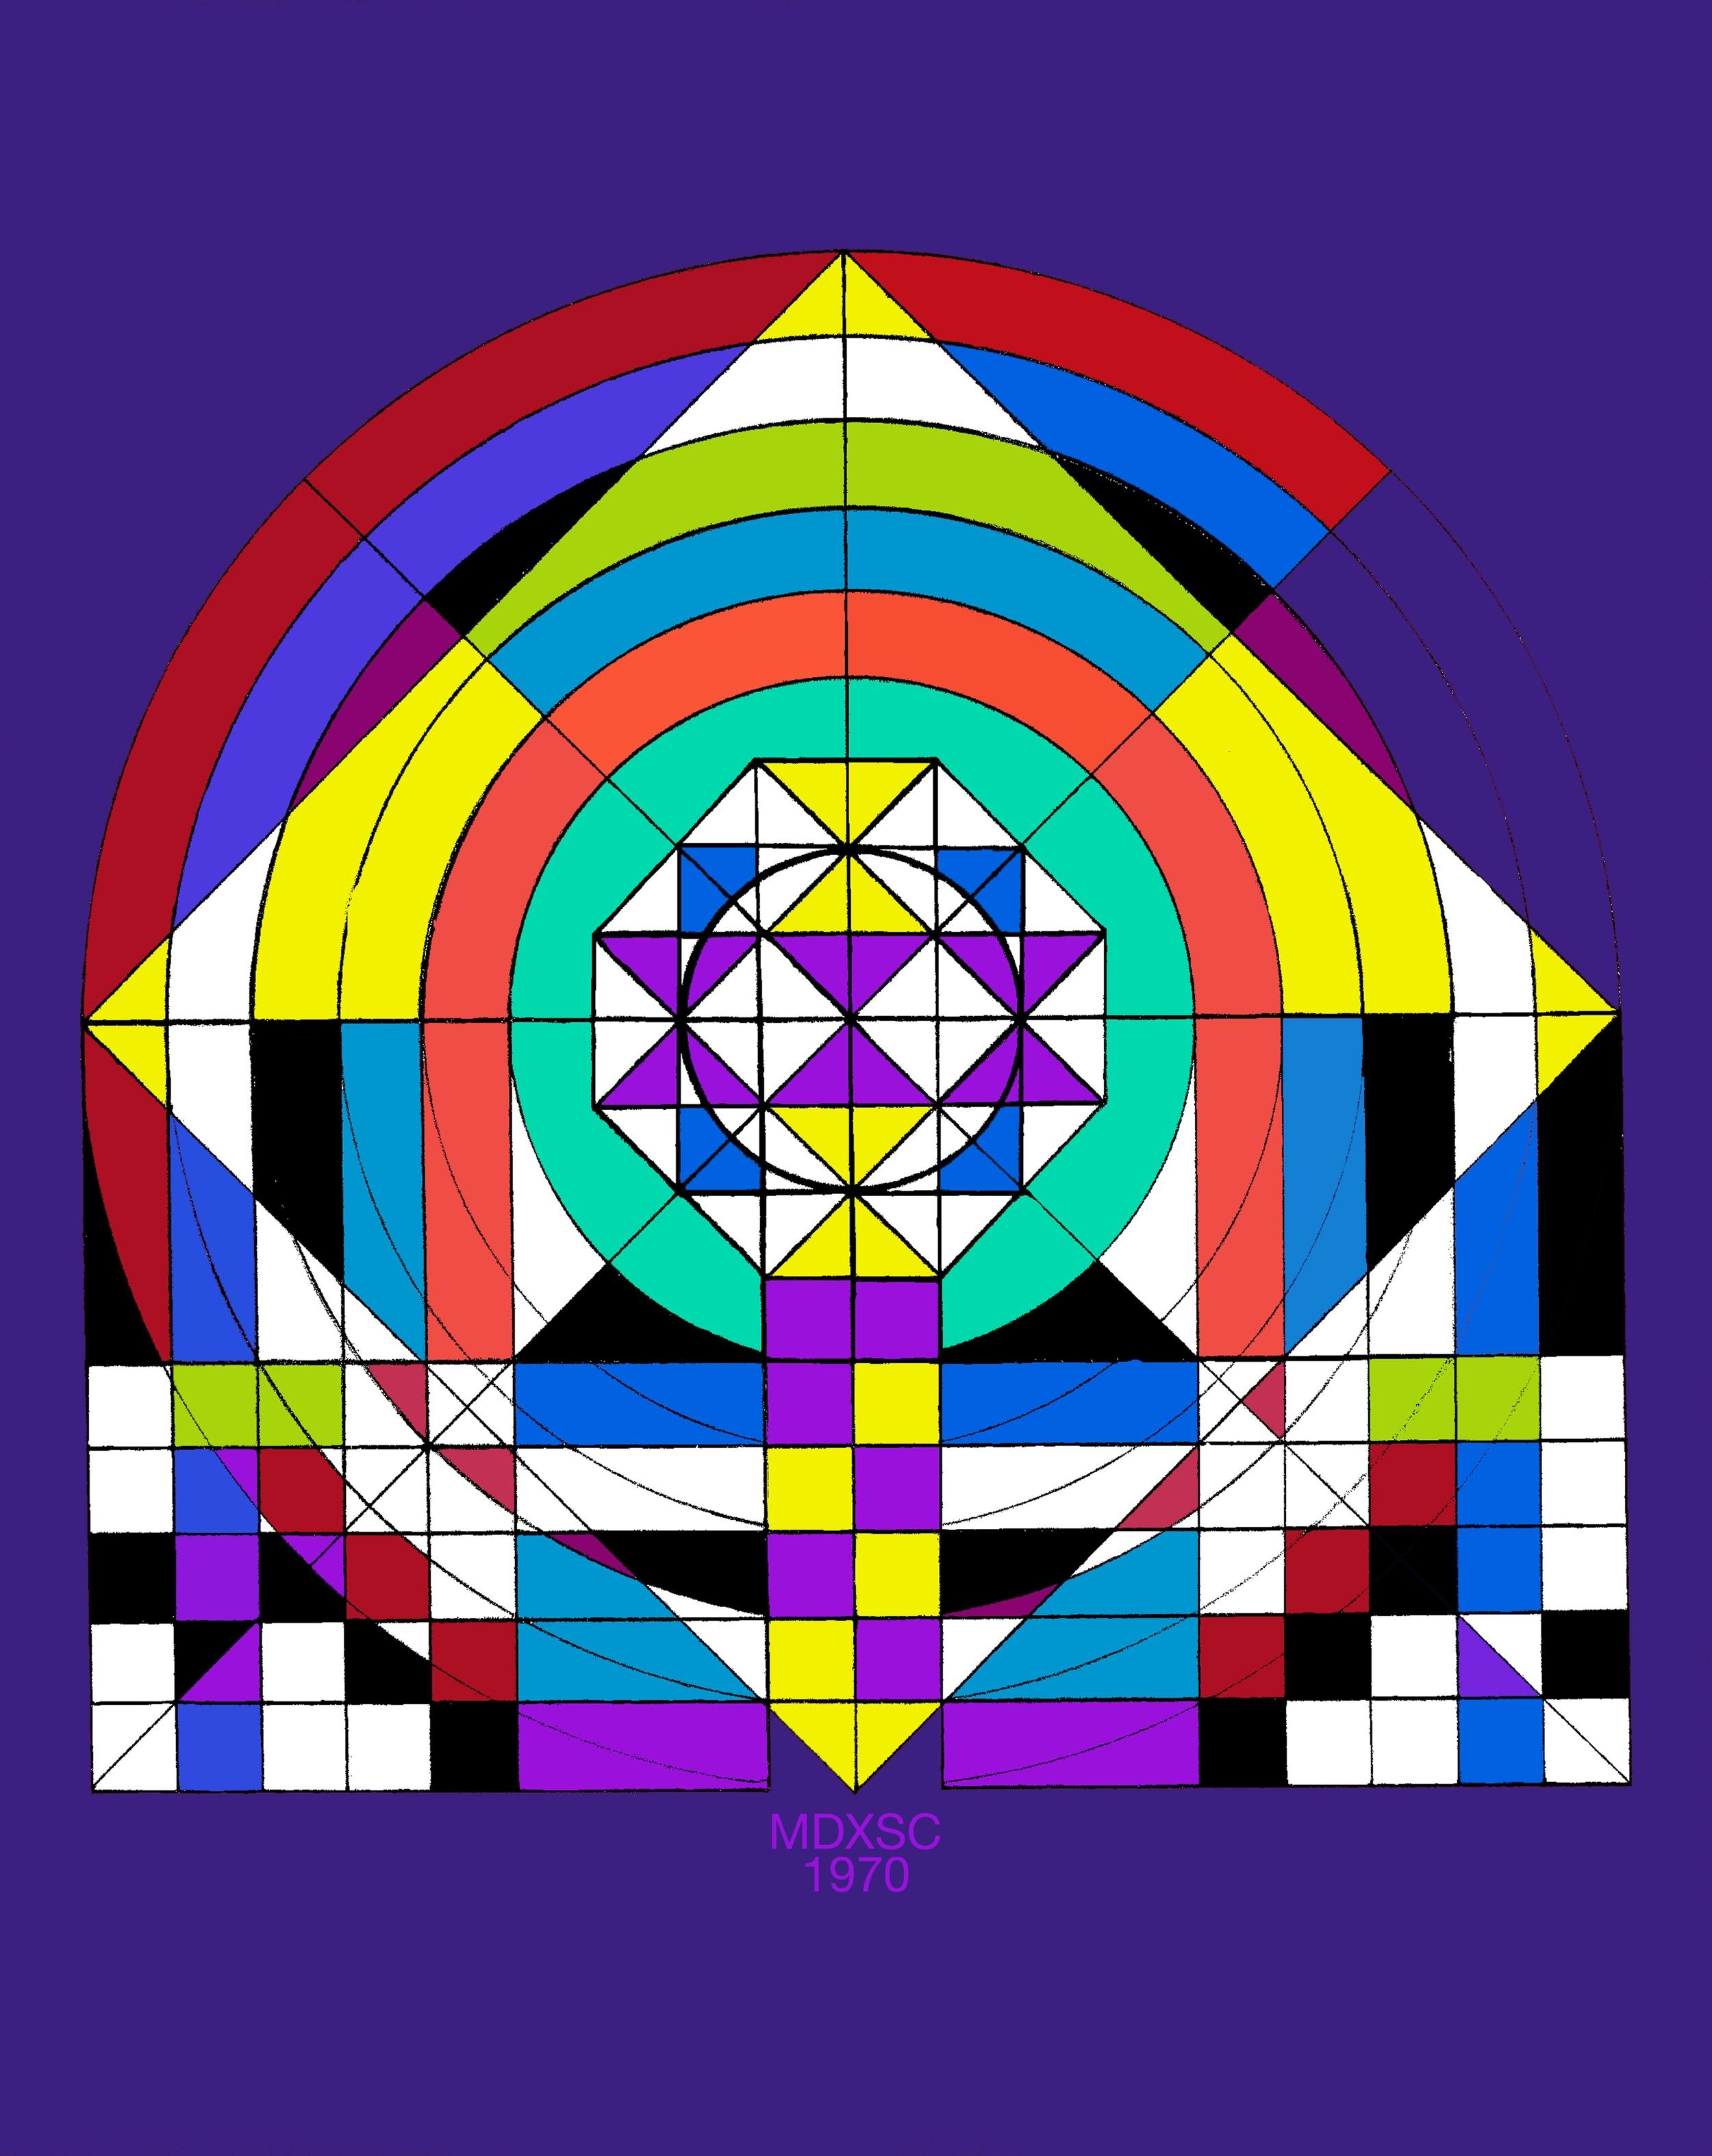 THE MDXS SYSTEM 1970 - DESIGNED BY RAFFAELLO MARRELLO